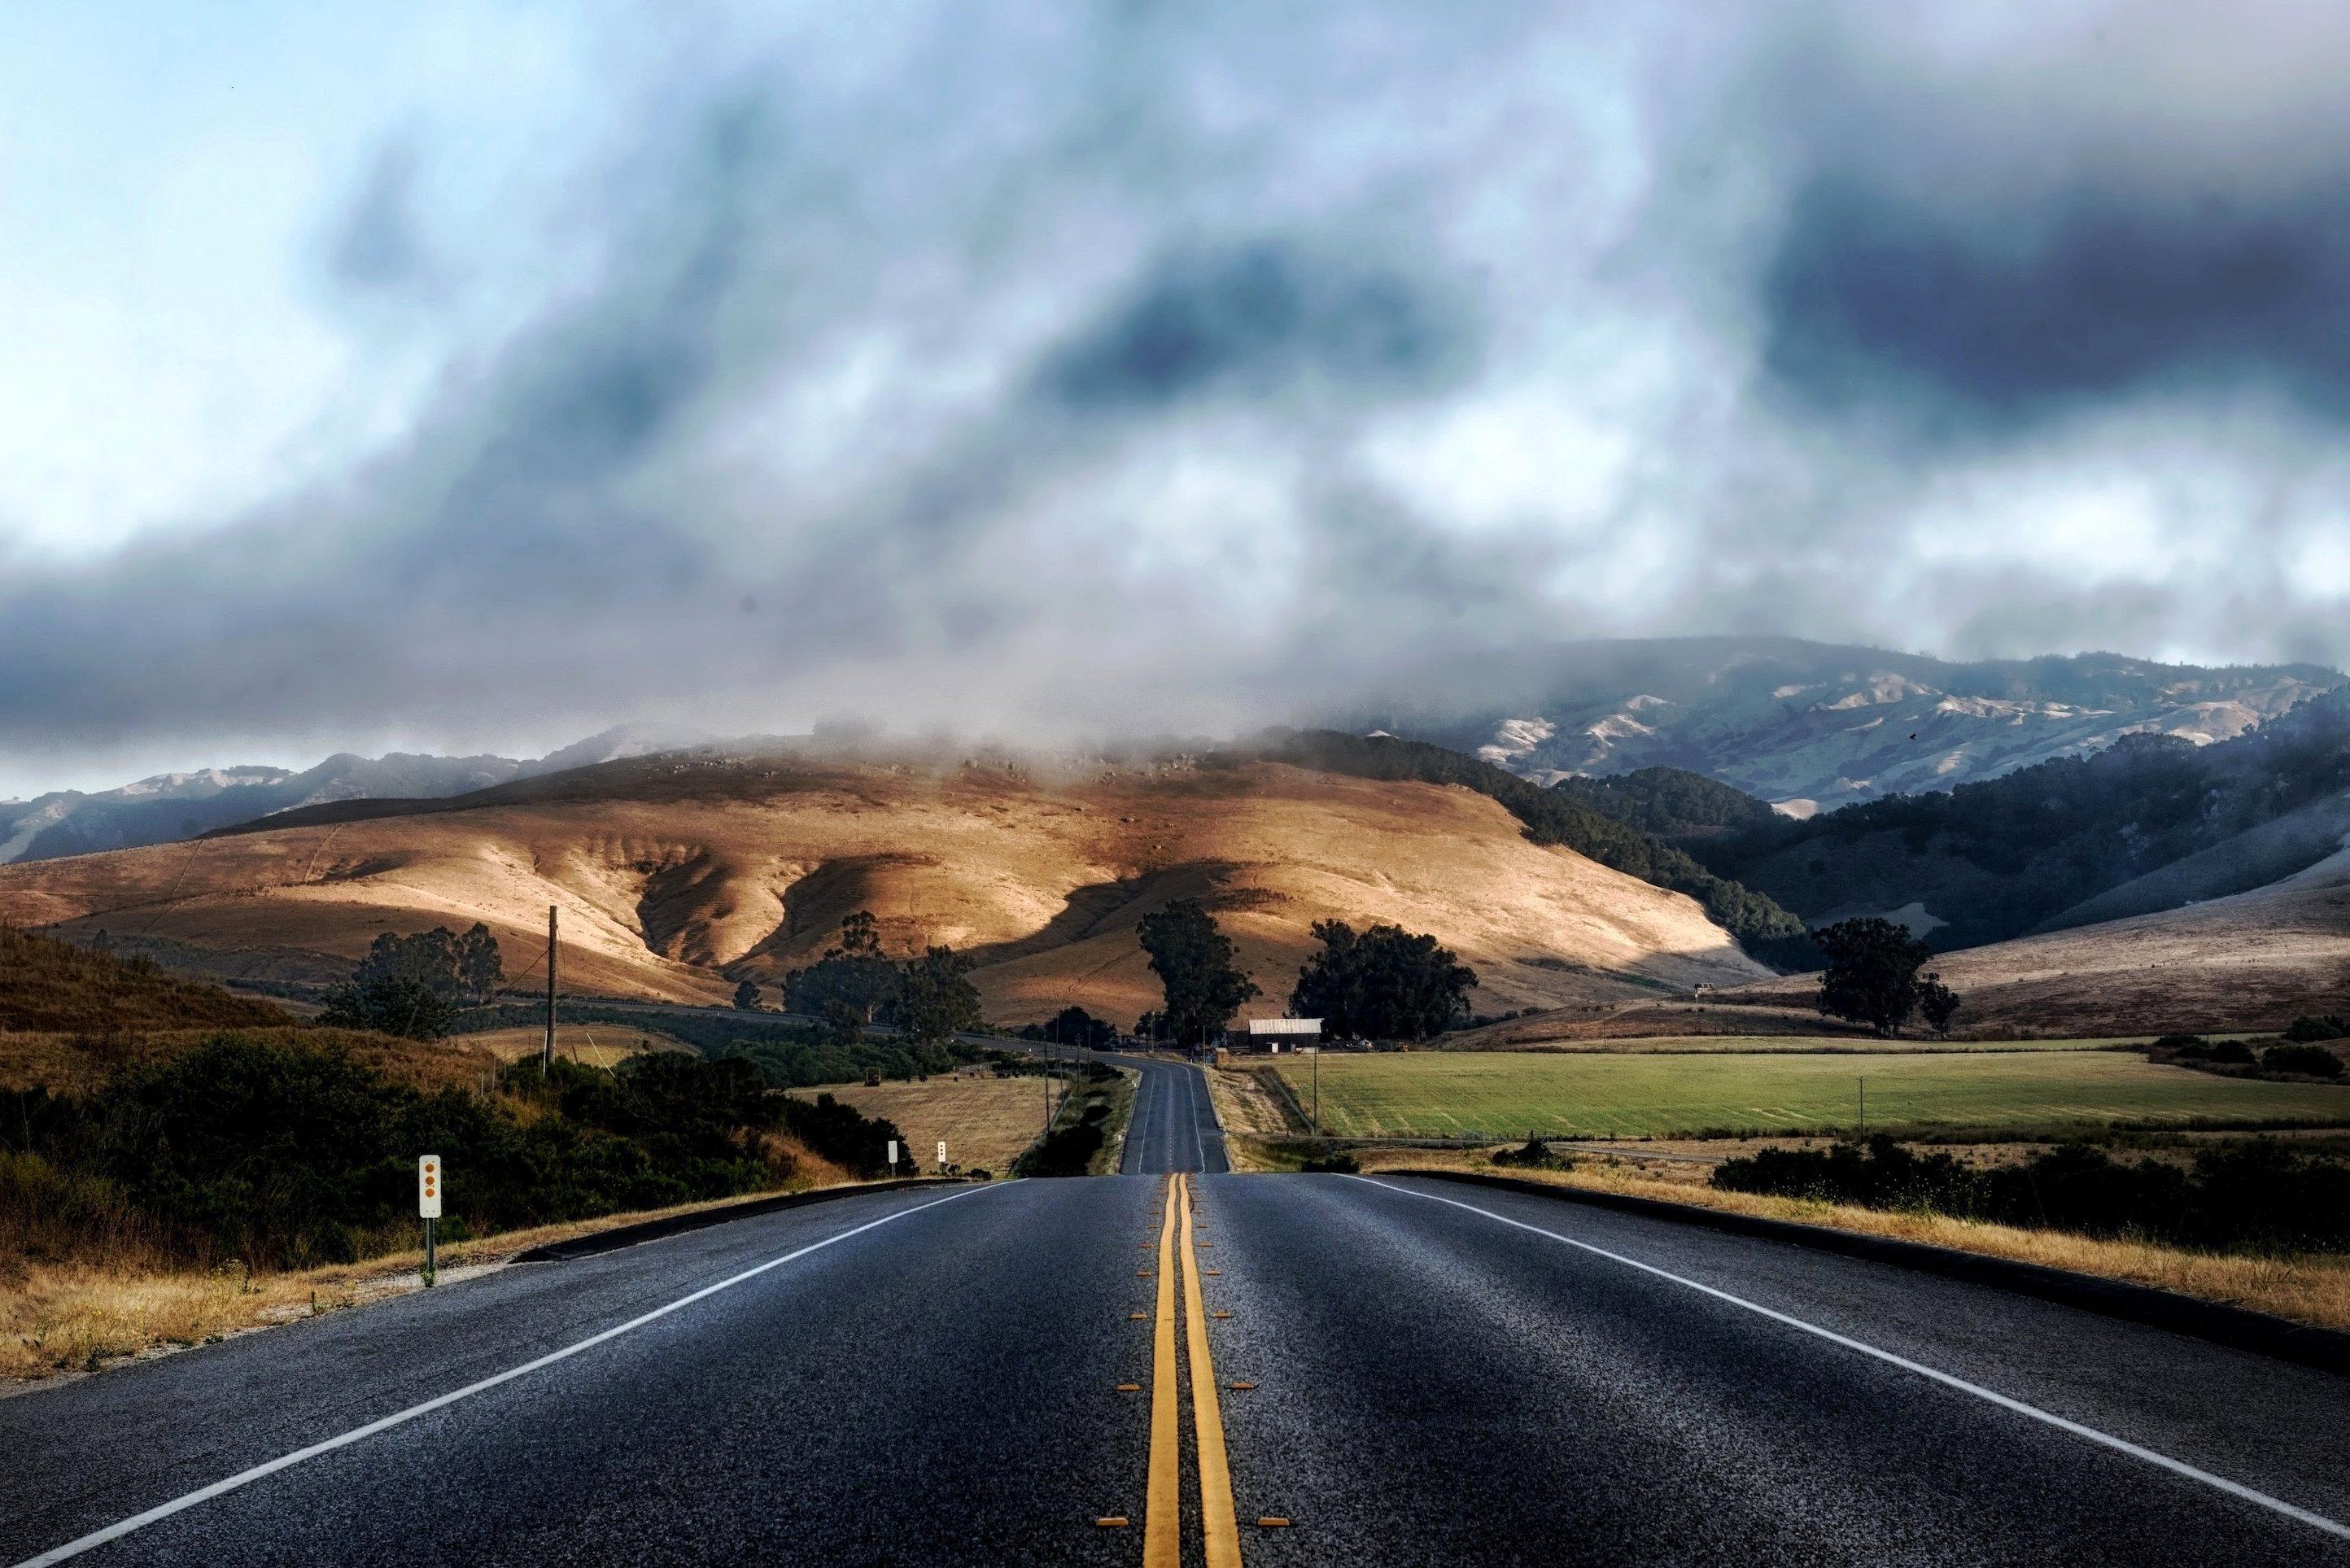 Foto gratis Viaggio orizzonte trasporto velocit modo